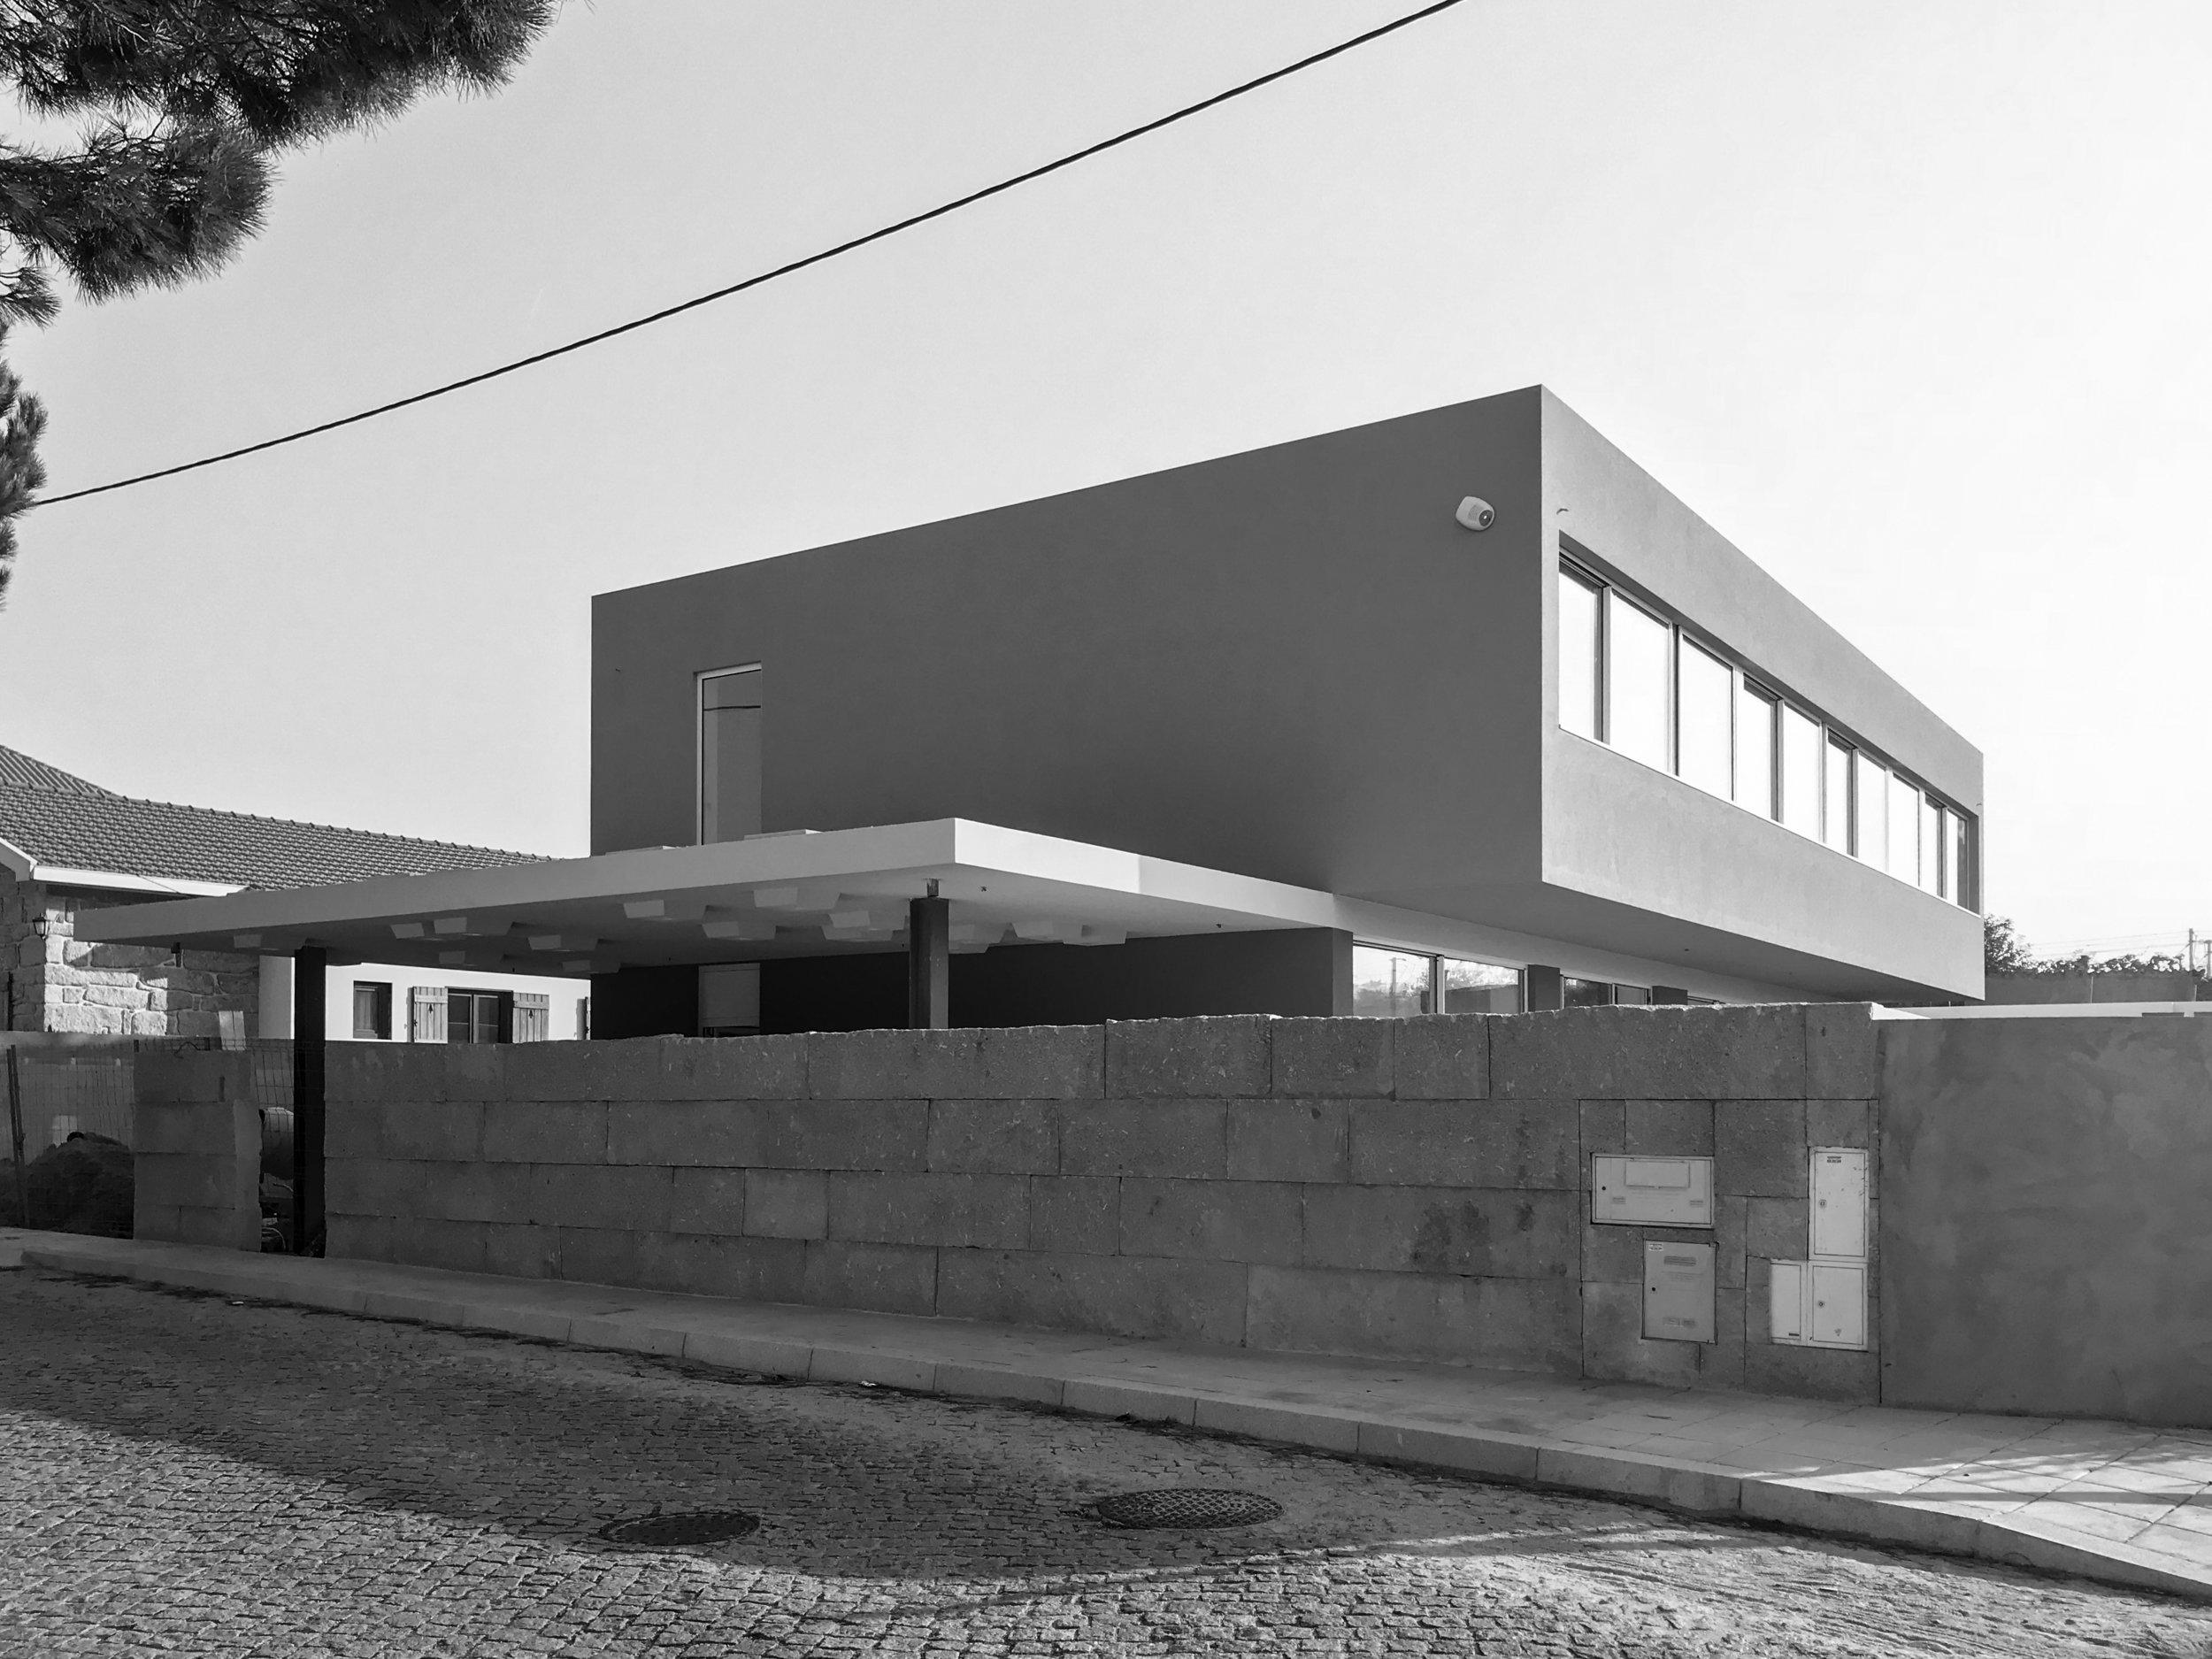 Moradia Alfazema - EVA evolutionary architecture - arquitetura - habitação - vila nova gaia  (27).jpg